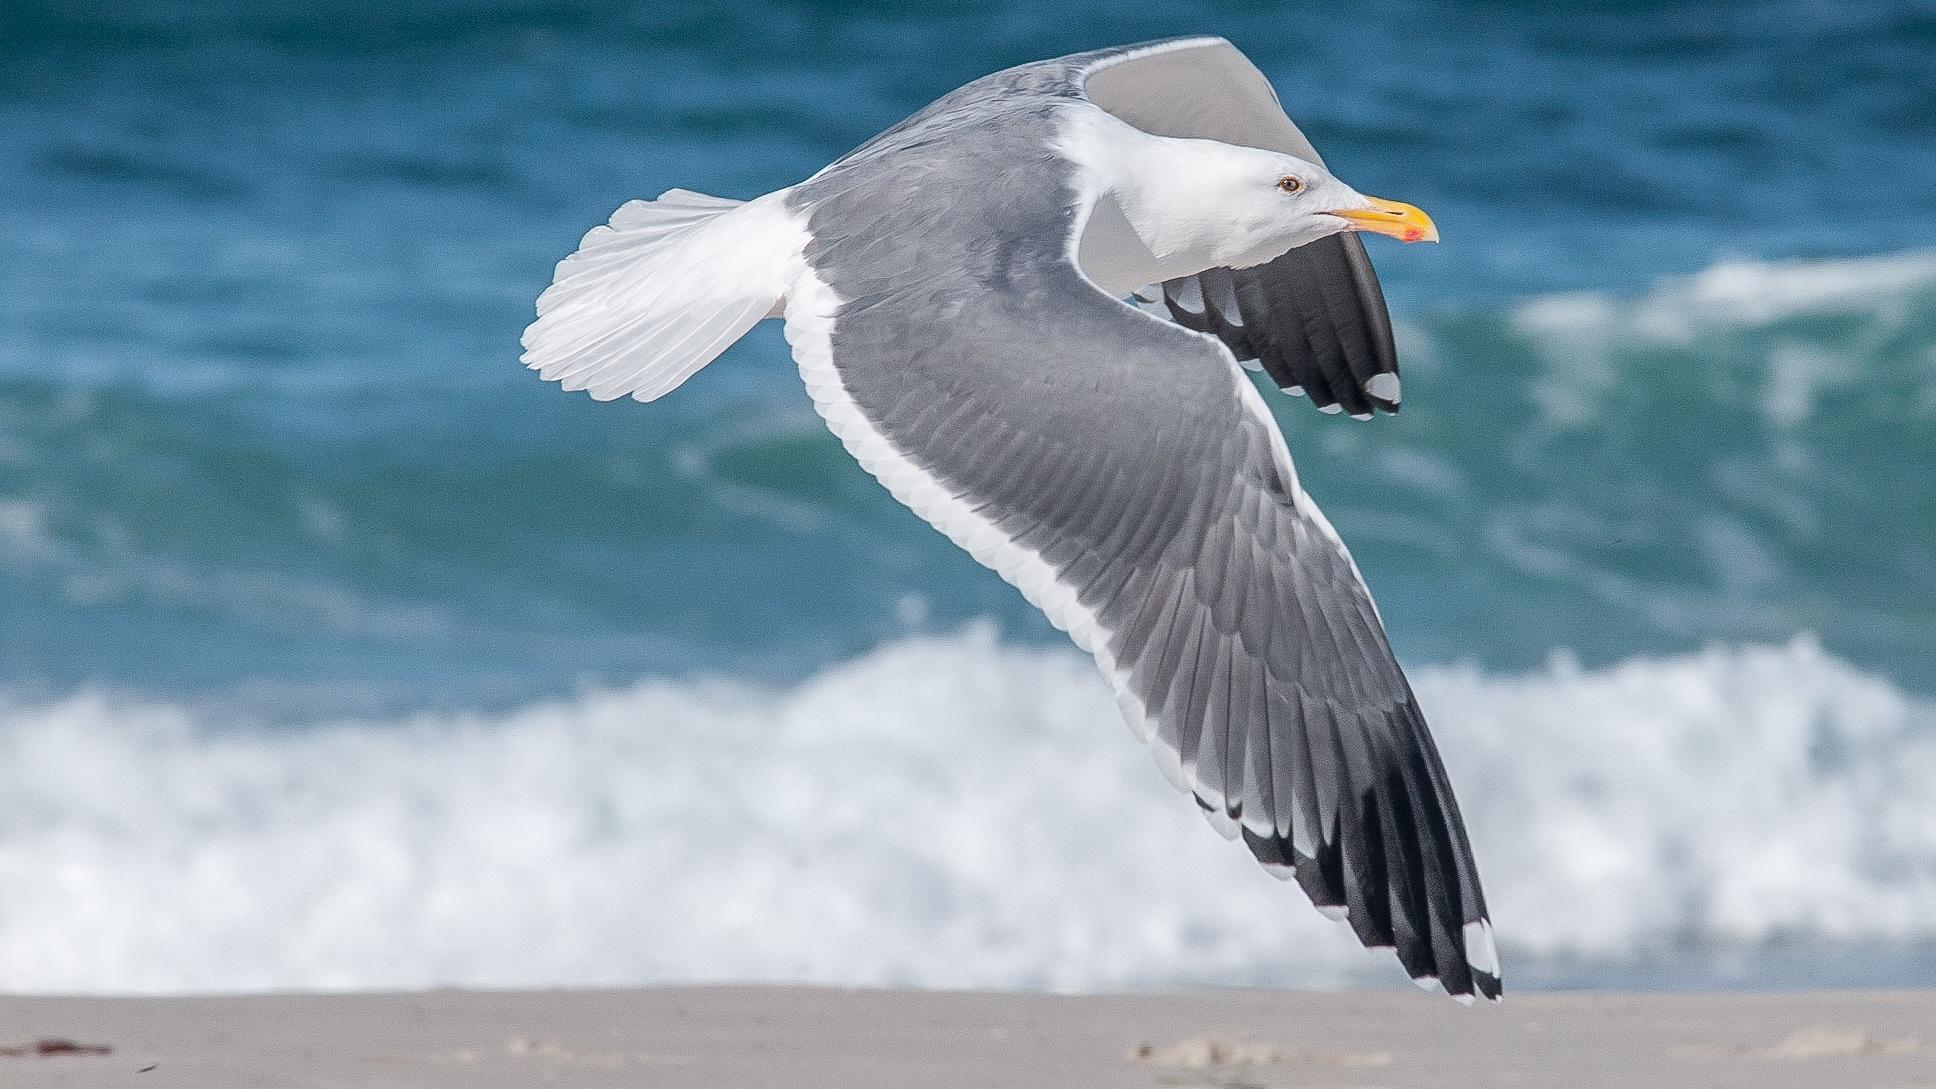 фото морская чайка в полете высокого качества